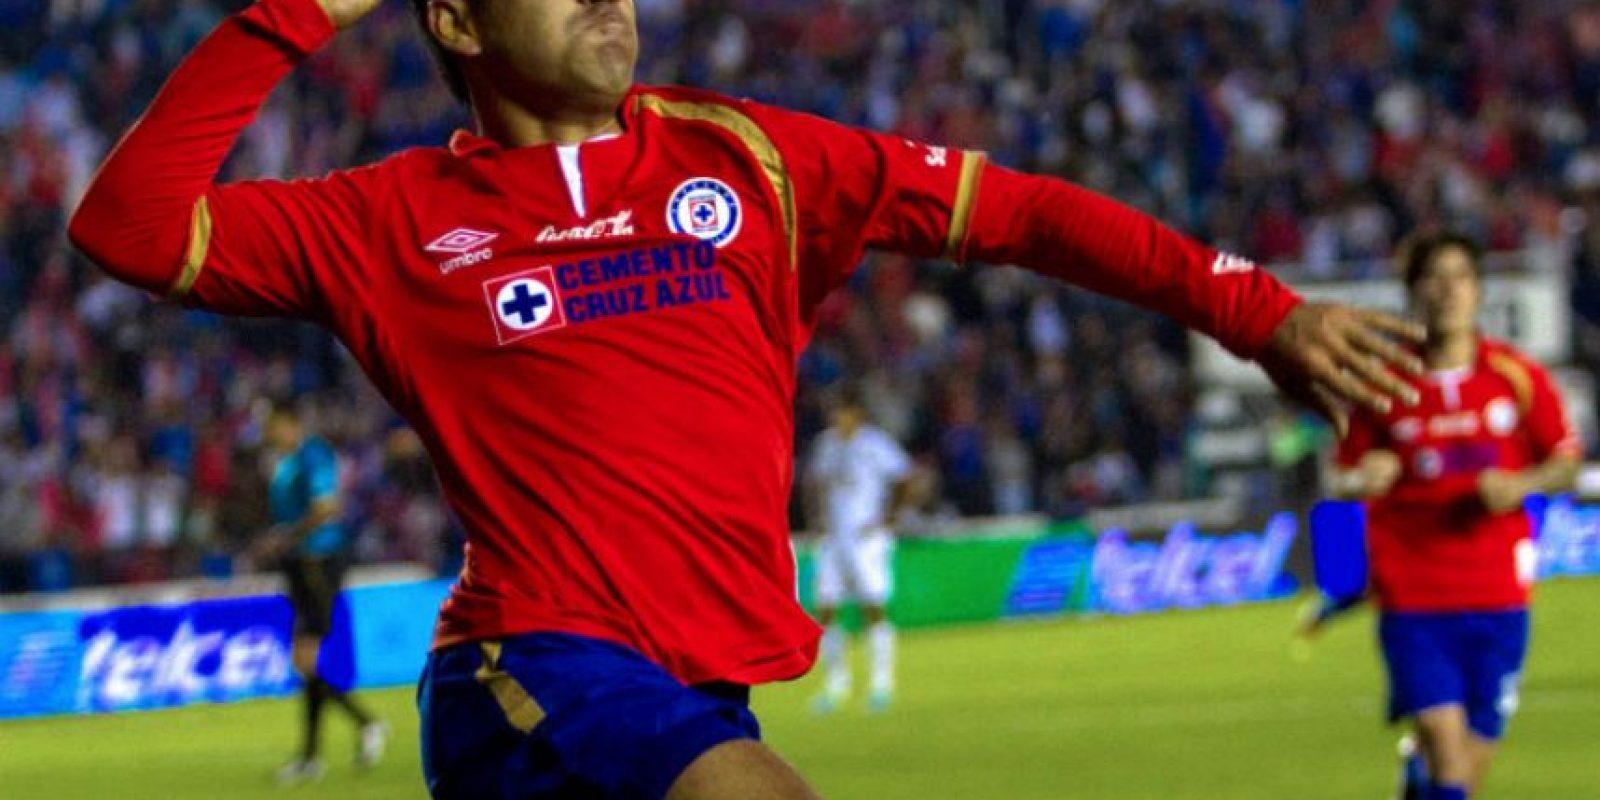 El mexicano Marco Fabián es el jugador estrella del Cruz Azul. Foto:Agencias